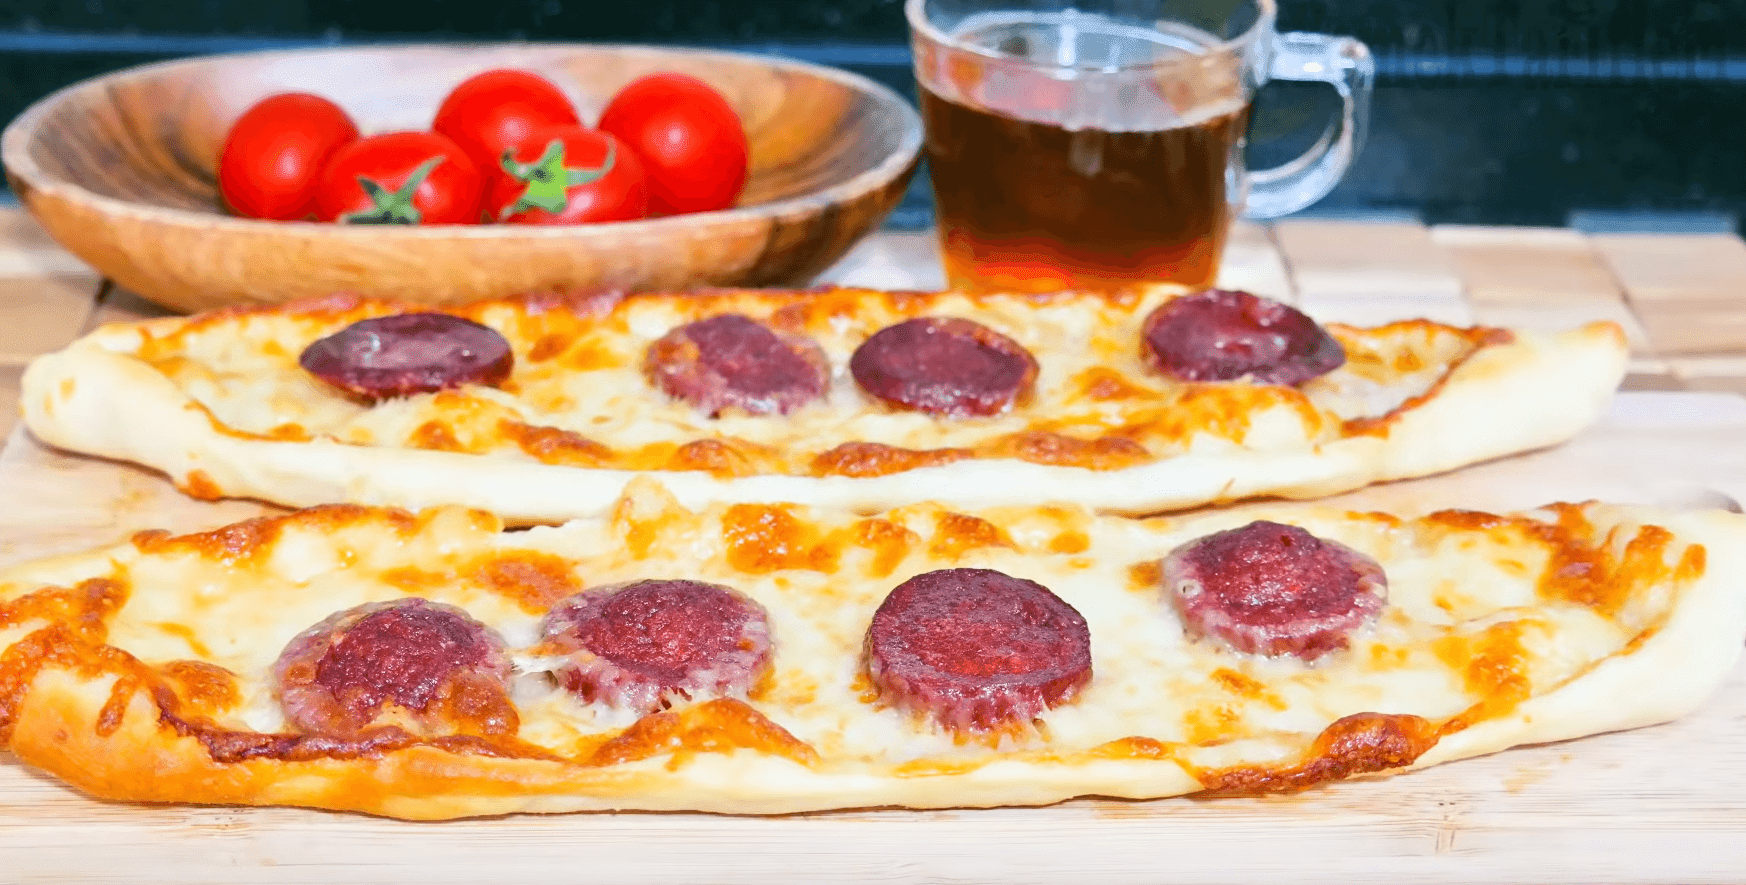 Kaşarlı Pide Tarifi: Fladen mit Knoblauchwurst - Rezept auf deutsch